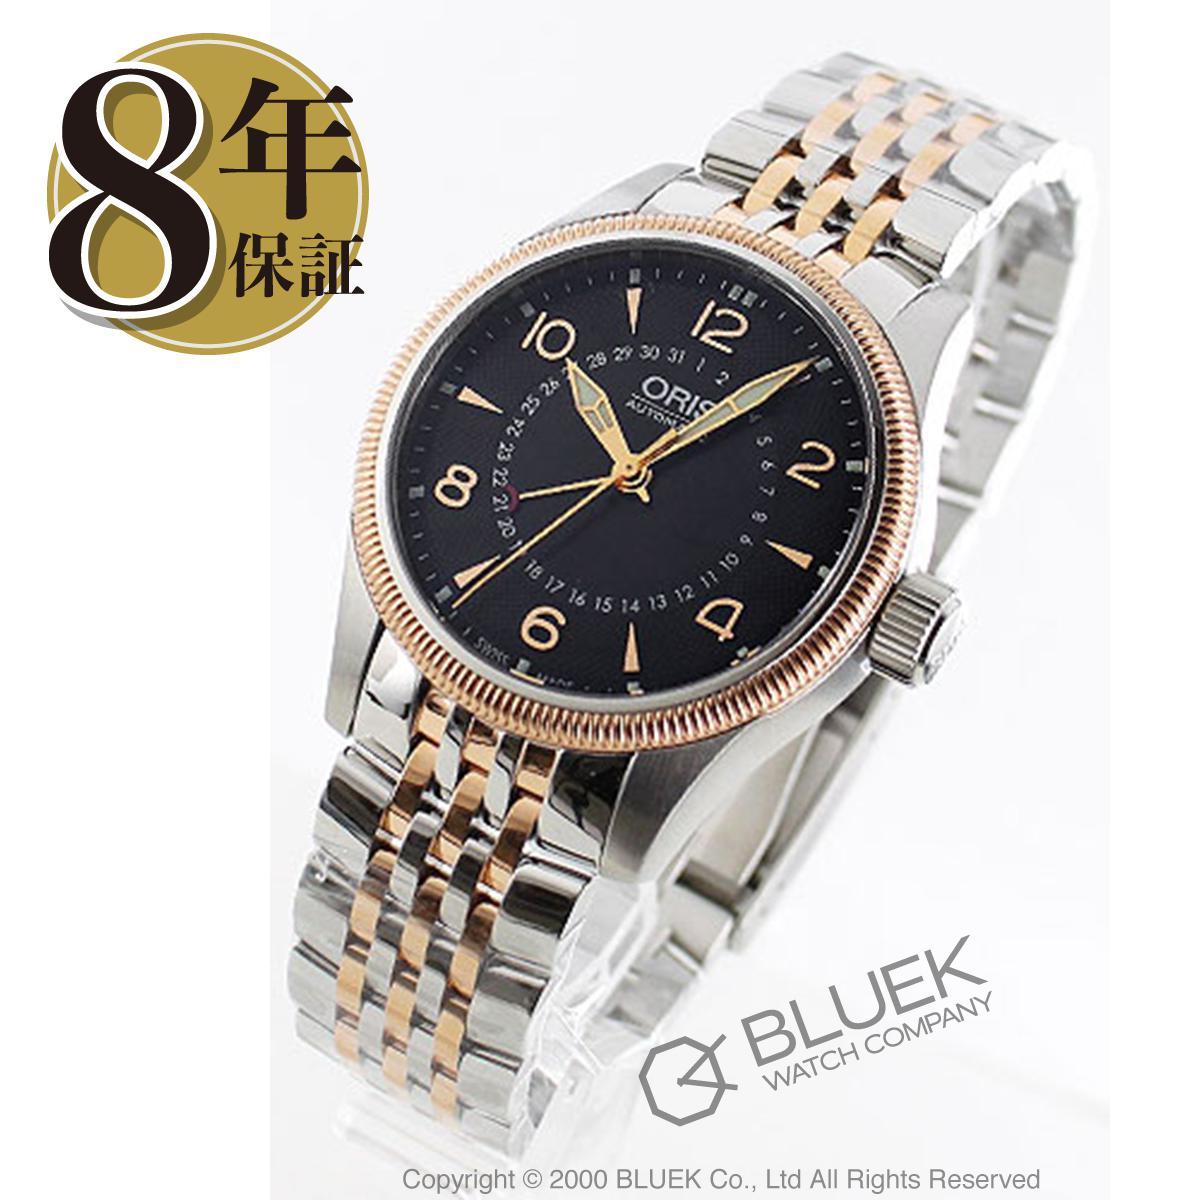 【3,000円OFFクーポン対象】オリス ビッグクラウン 腕時計 メンズ ORIS 754 7679 4364M_8